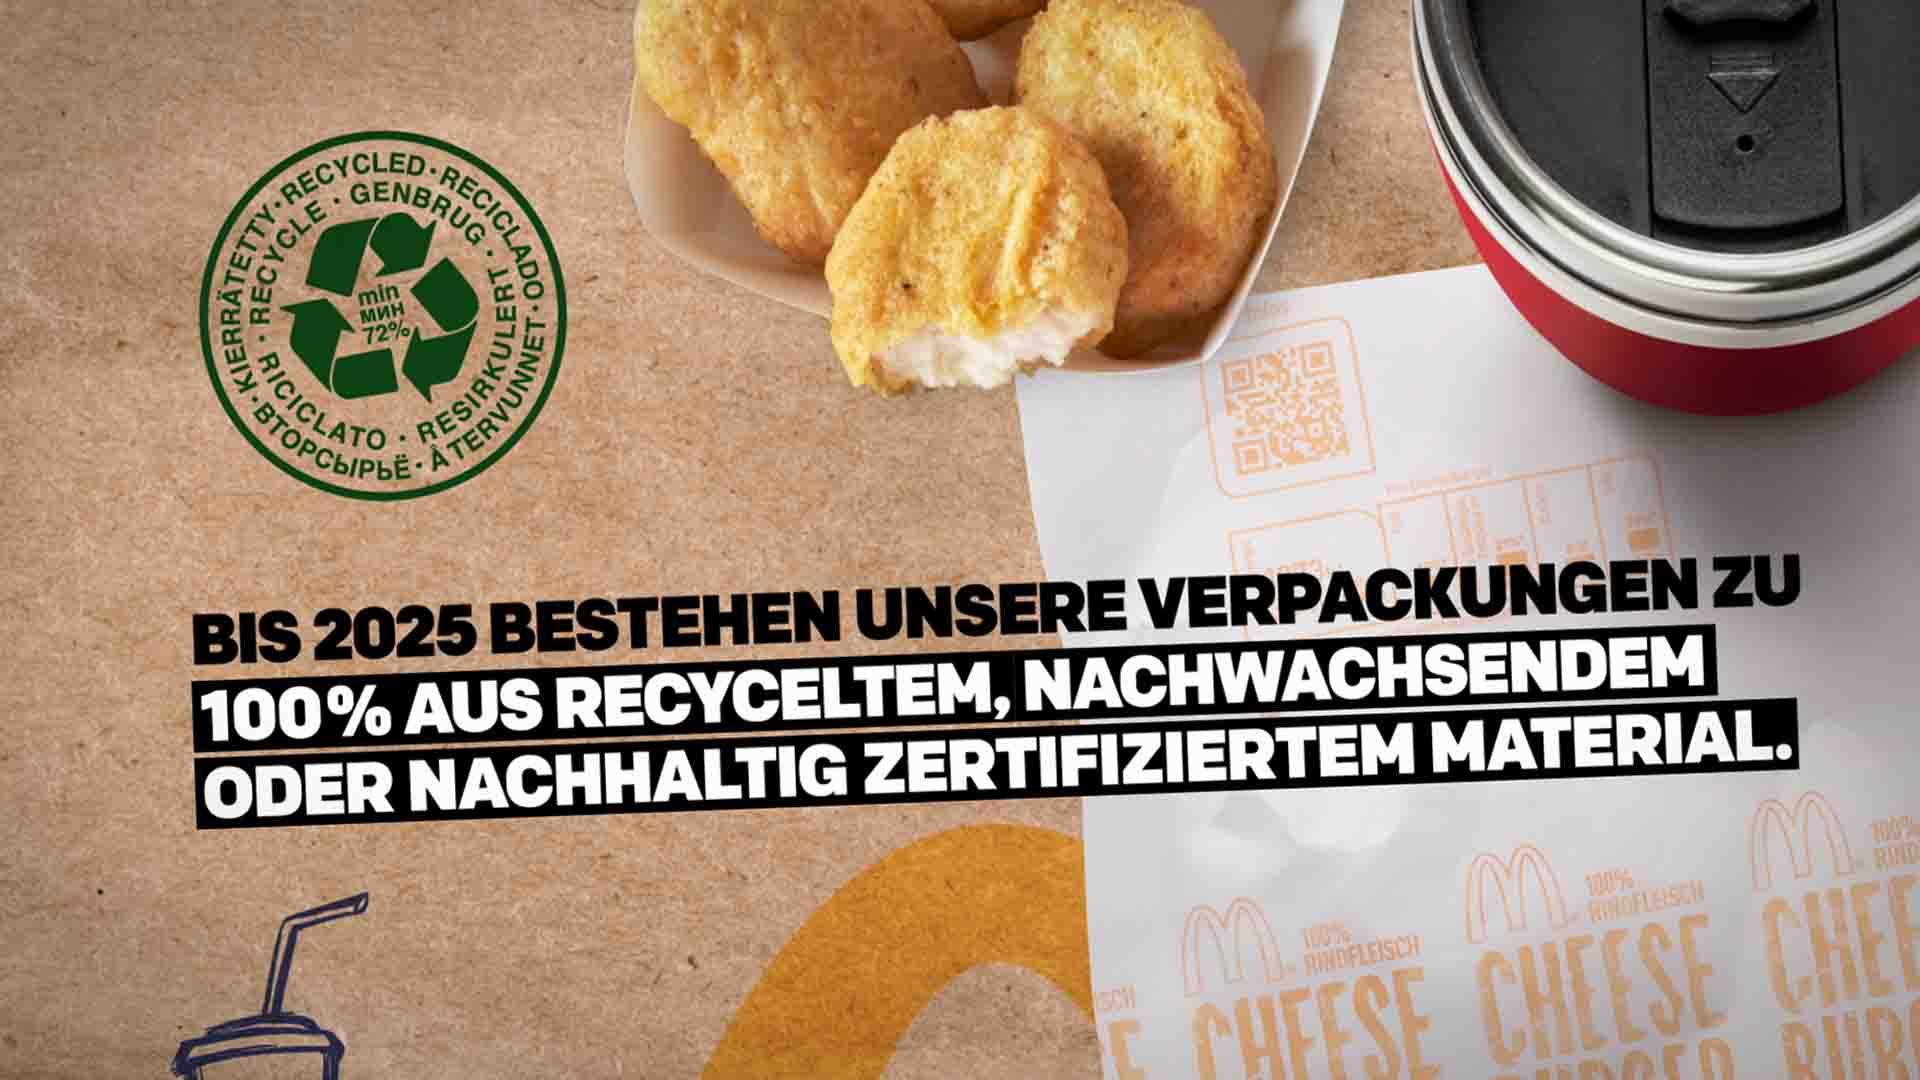 Das Bild zeigt Chicken McNuggets und eine Coca Cola in einem Becher. Beide stehen auf einer Verpackung die von einem Cheeseburger abstammt. In der Mitte des Bildes sind Texte animiert. Ein Logo, das für Recycling steht, ist auch zu finden. Das Bild dient als Sliderbild für den Portfolioeintrag McDonald's Nachhaltigkeits Erklärfilme von Panda Pictures.